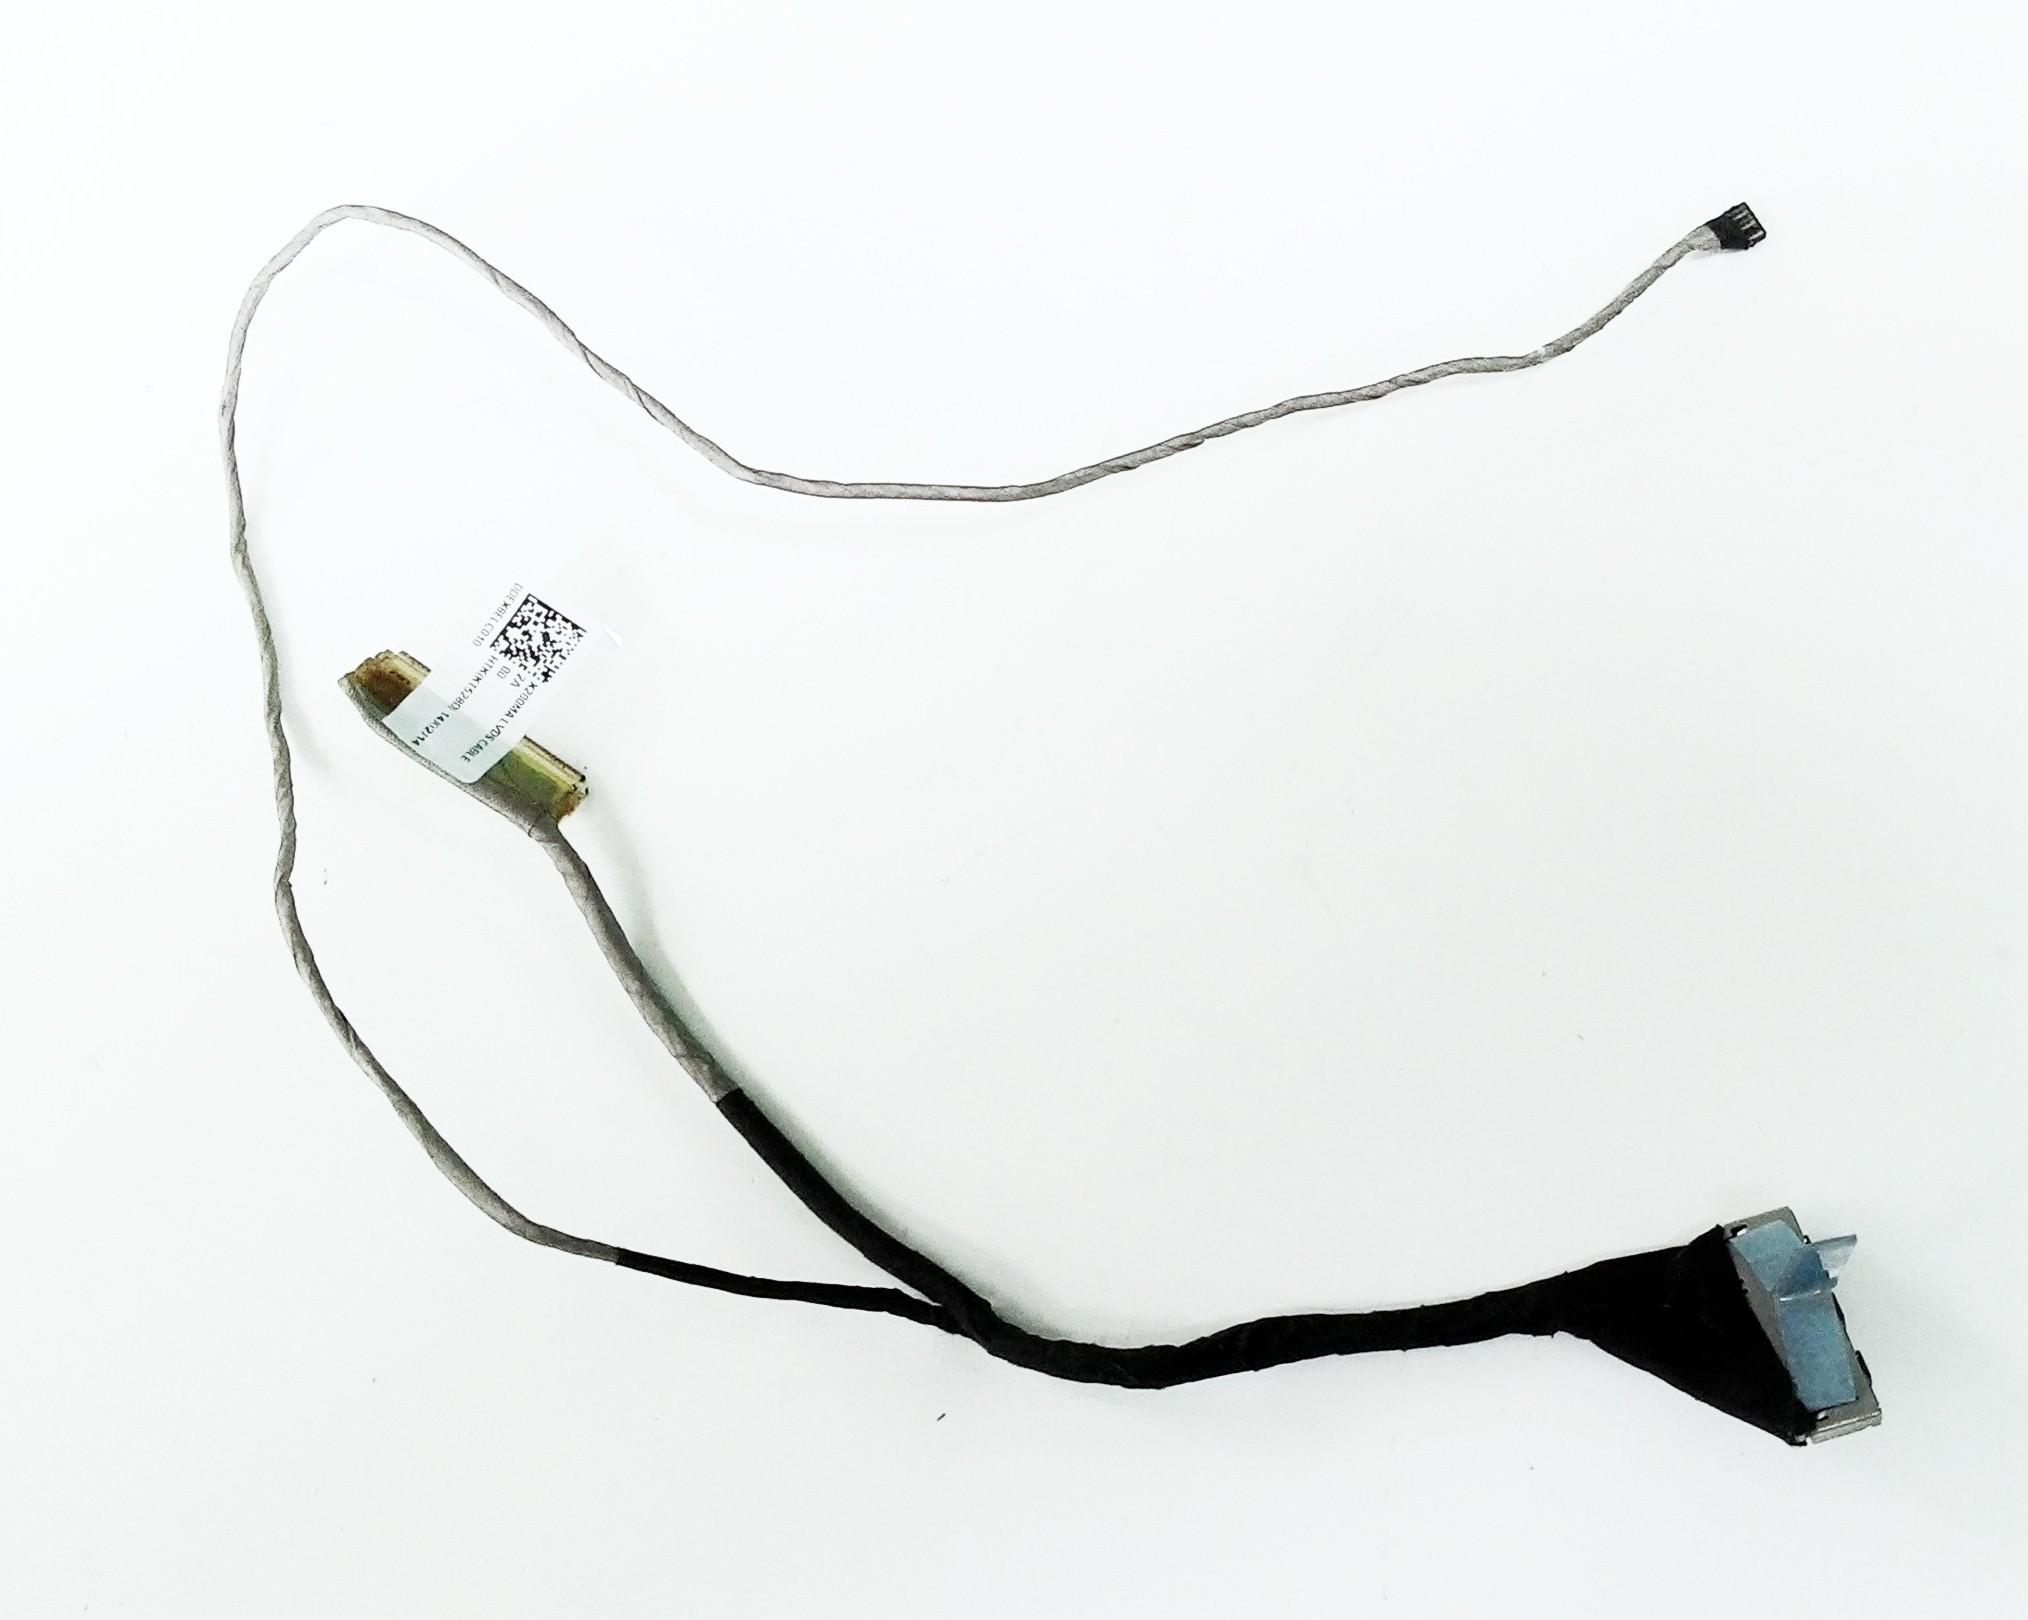 Kabel / Cable LCD /Flexible LVDS ASUS X200MA X200C X200CA X200L X200LA X200M Series